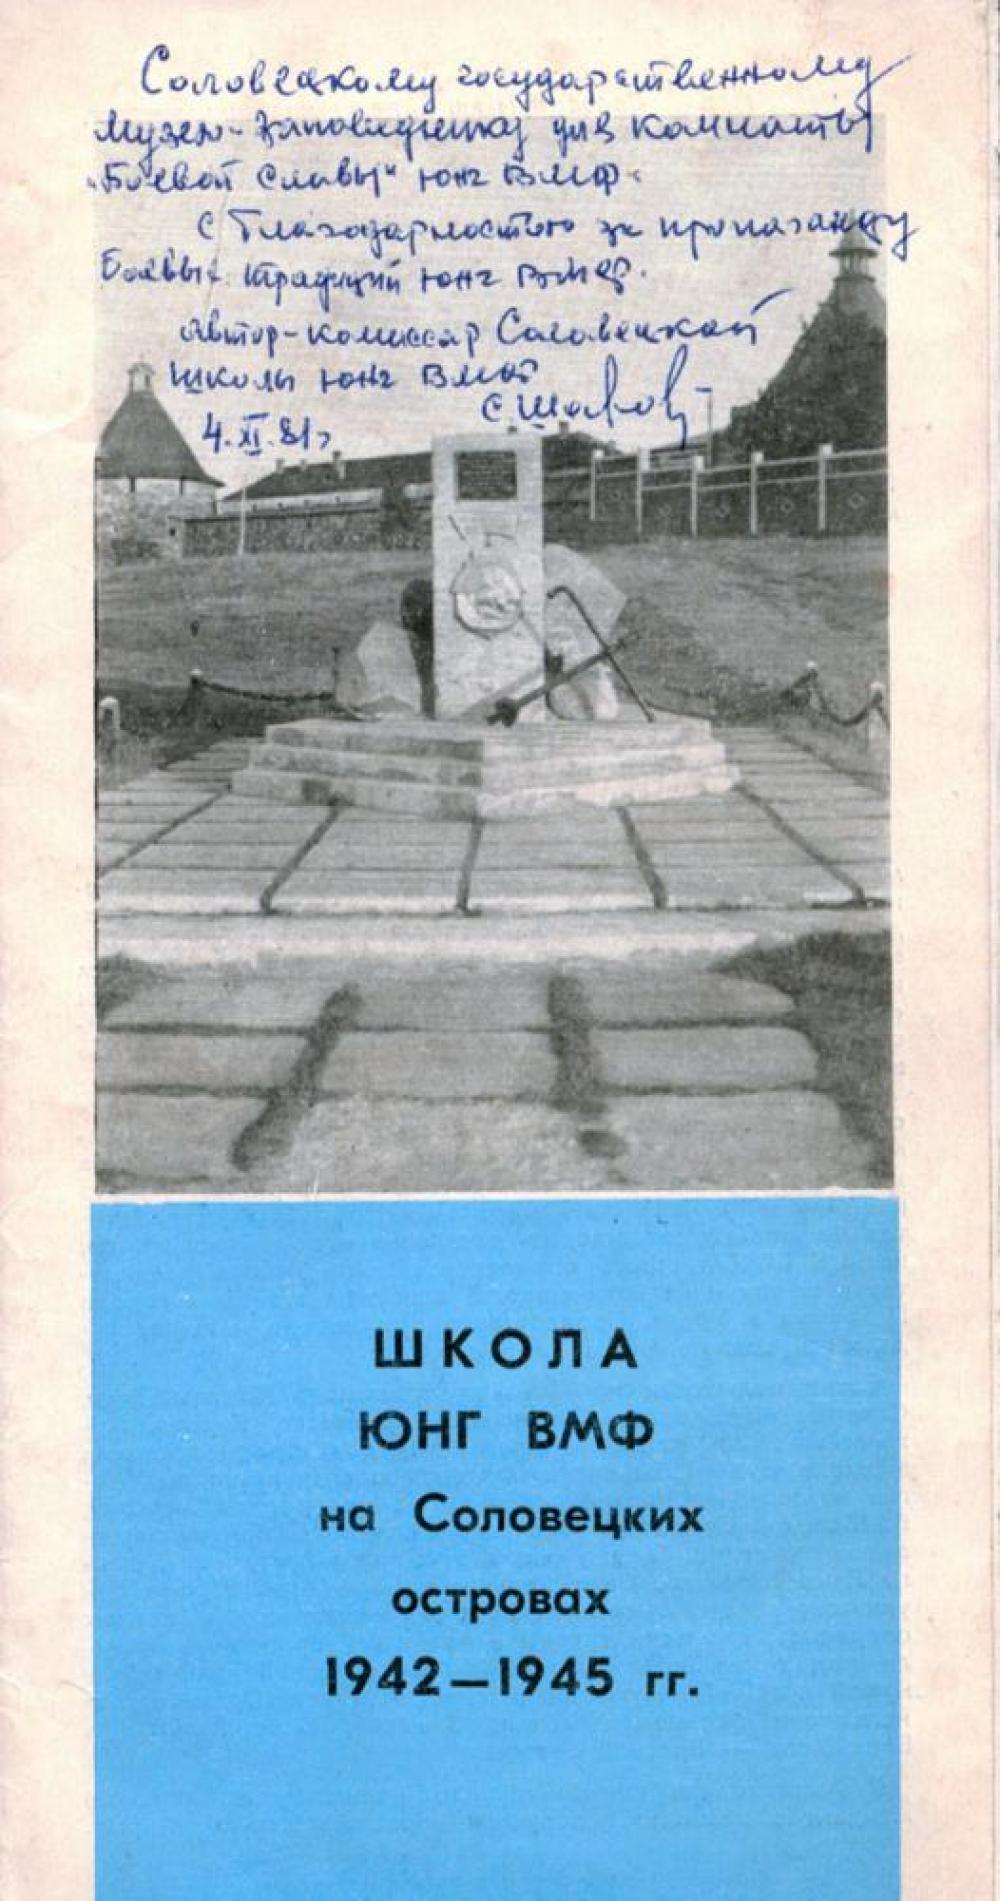 Буклет «Школа юнг ВМФ на Соловецких островах. 1942-1945».